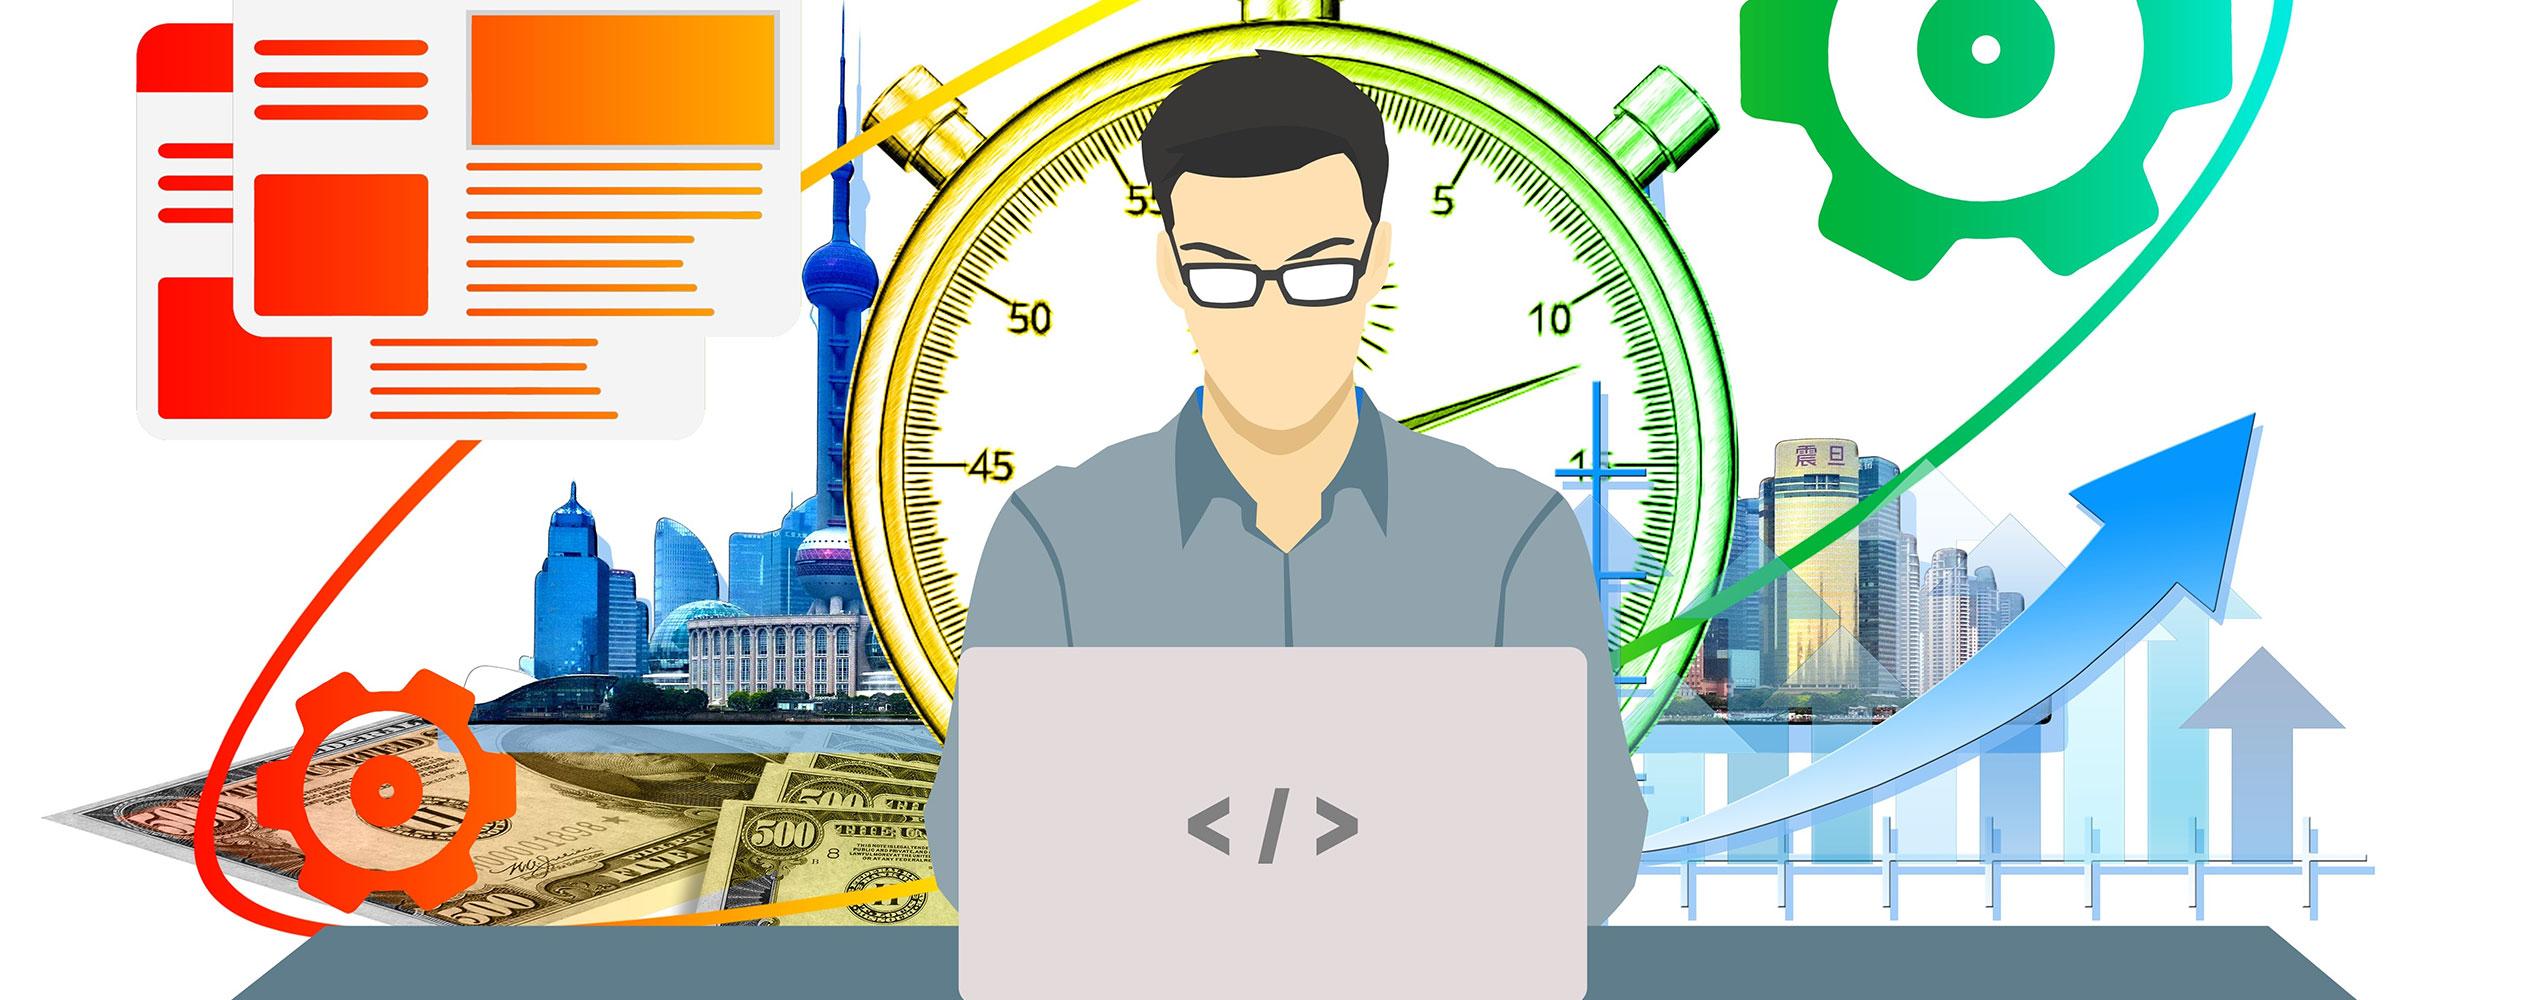 pixabay Digital Produktivitaet Effizienz Fortschritt